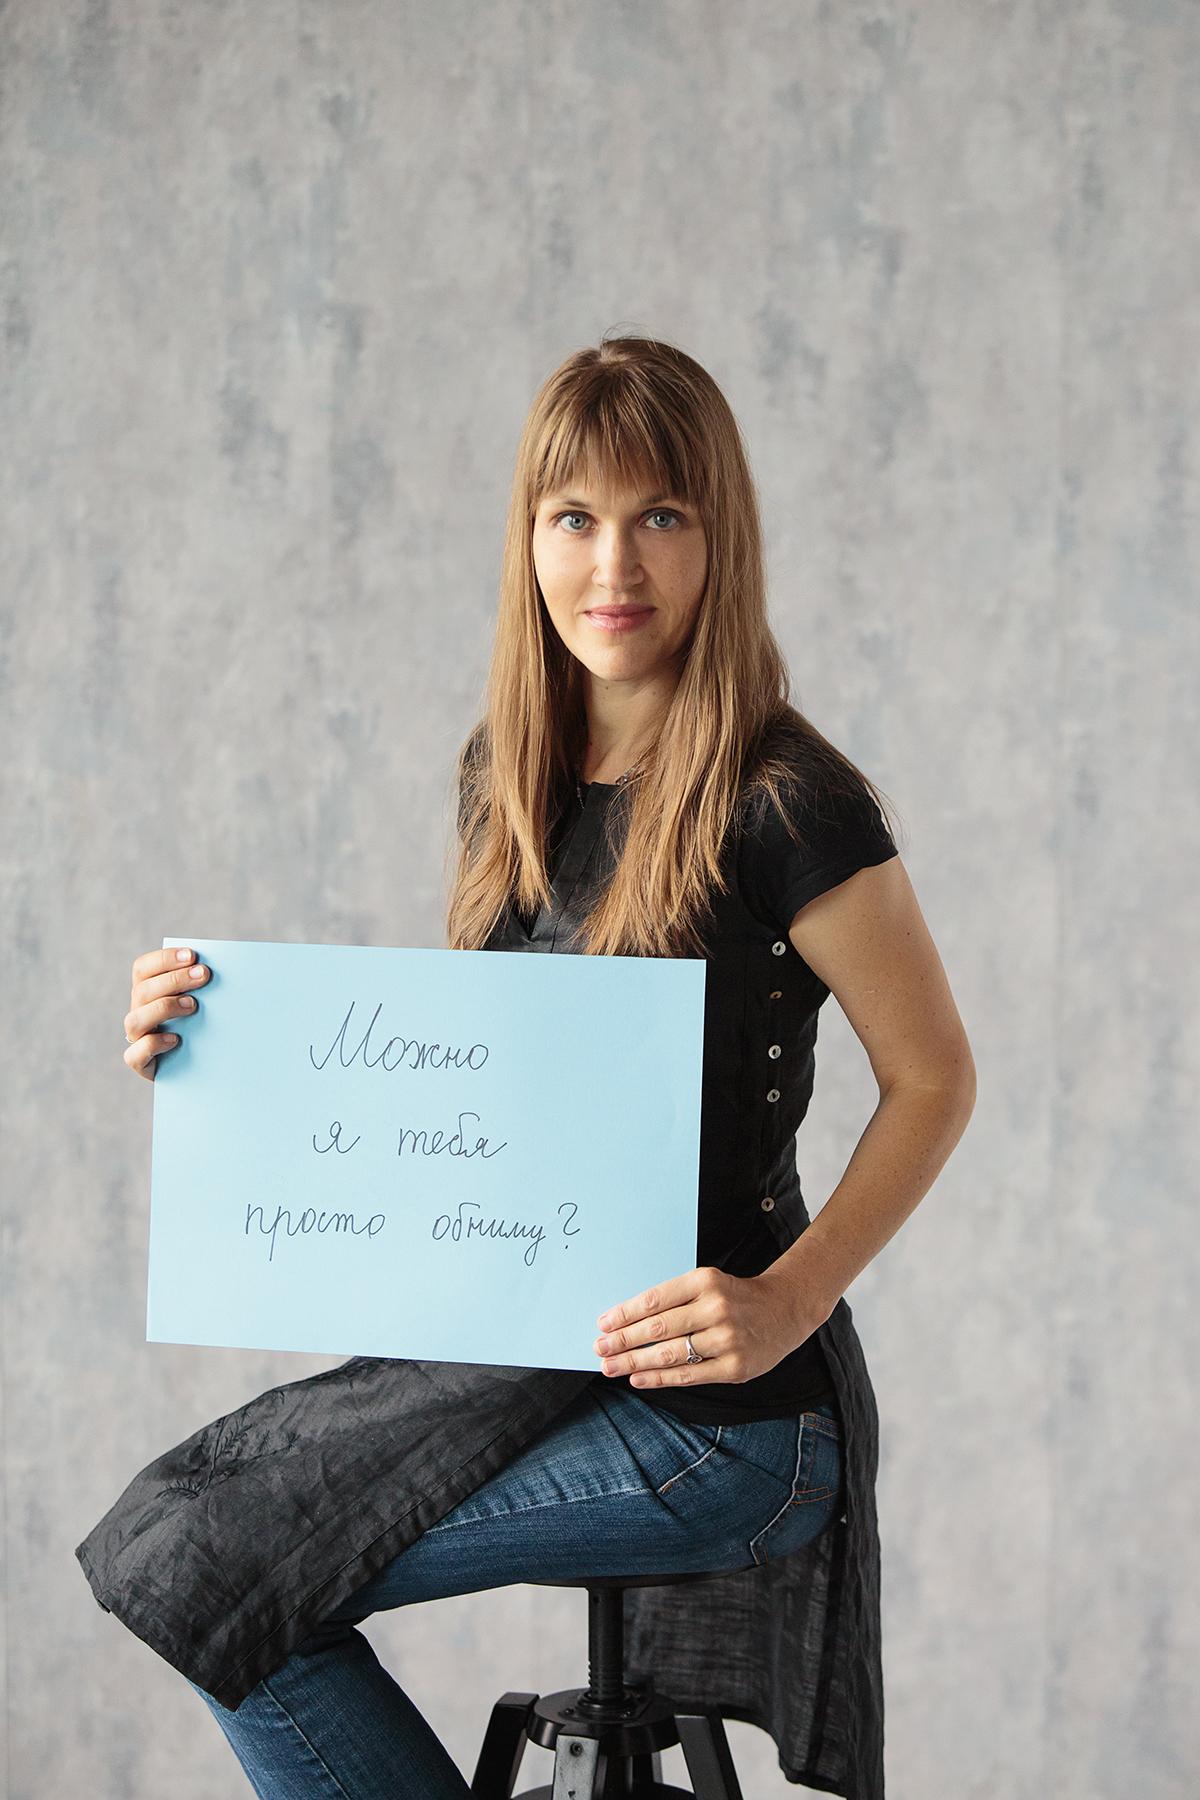 МАРИЯ    В 2011 году потеряла доношенную дочку во время родов,  Машу саму еле спасли - было сильное кровотечение.  У Маши есть сын от первой беременности.